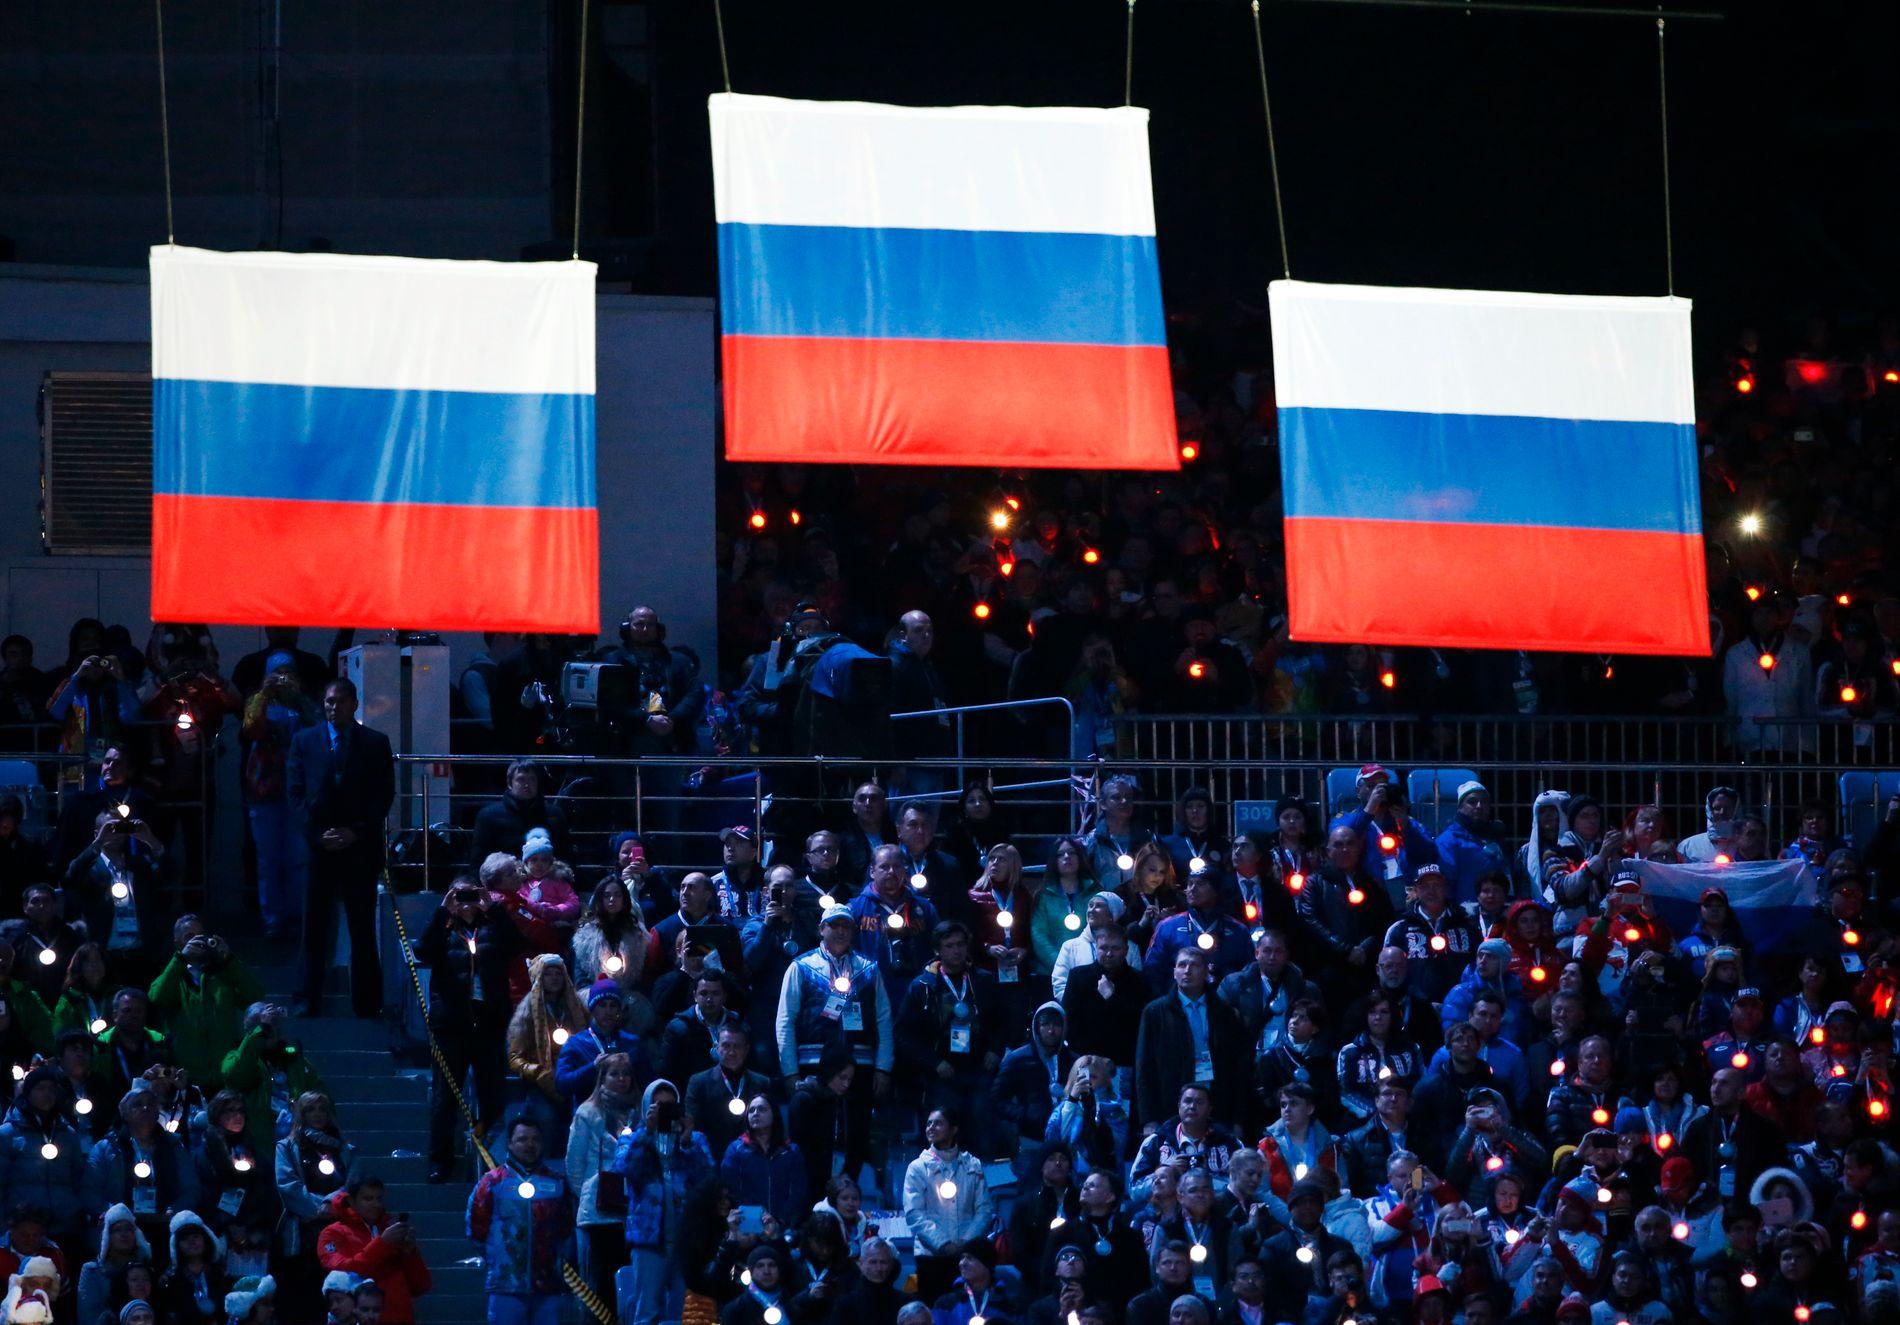 SKANDALE: Sotsji-OL har blitt en skandale for russerne etter avsløringene de siste årene. Her fra medaljeseremonien på 50 km langrenn, der Russland opprinnelig tok alle tre medaljene.